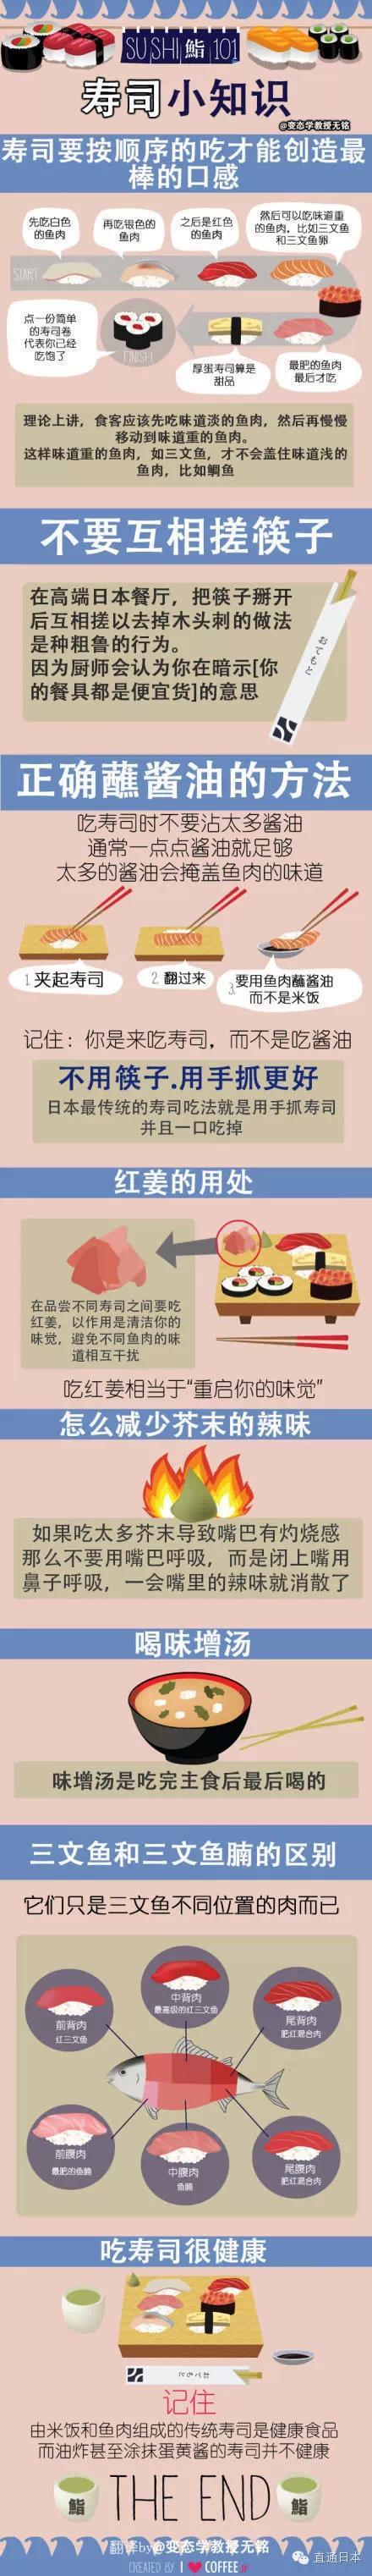 一张图教你如何正确吃寿司